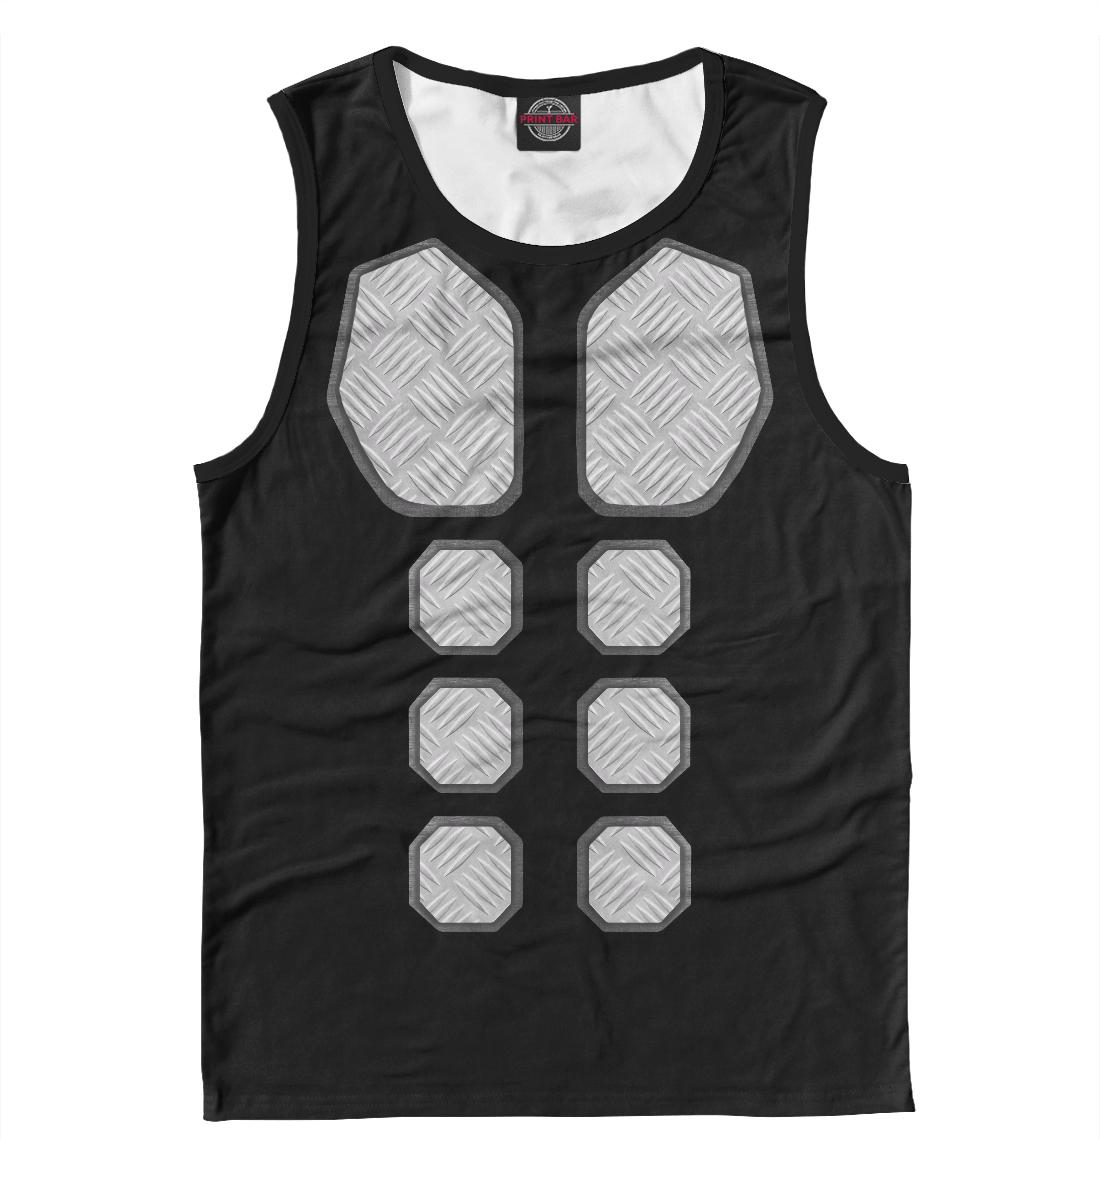 Купить Sabaton Vest, Printbar, Майки, MZK-980994-may-2